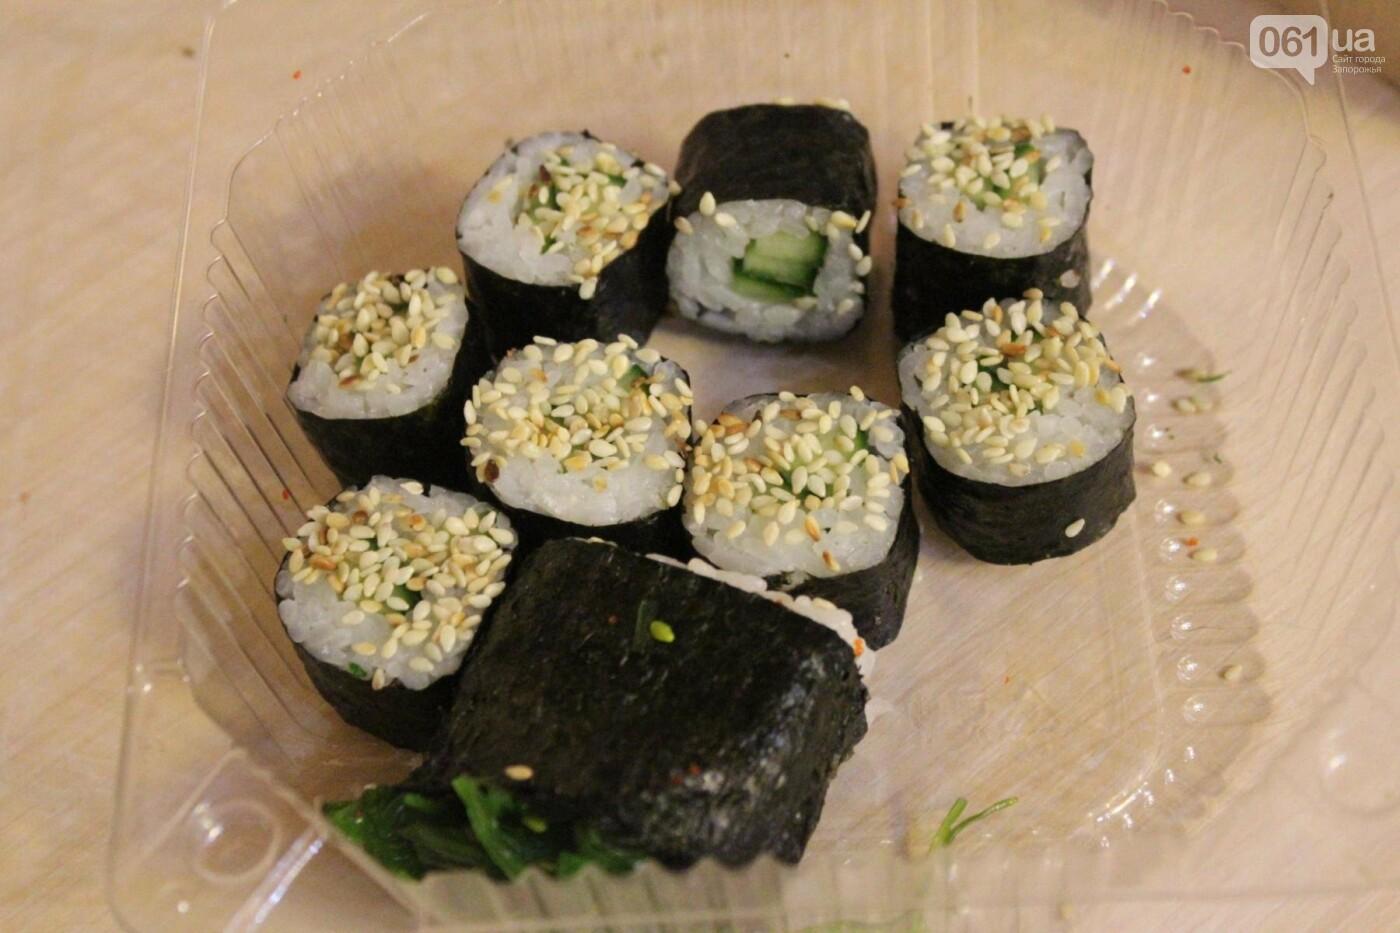 Тест-драйв доставки суши в Запорожье: 24rolls , фото-17